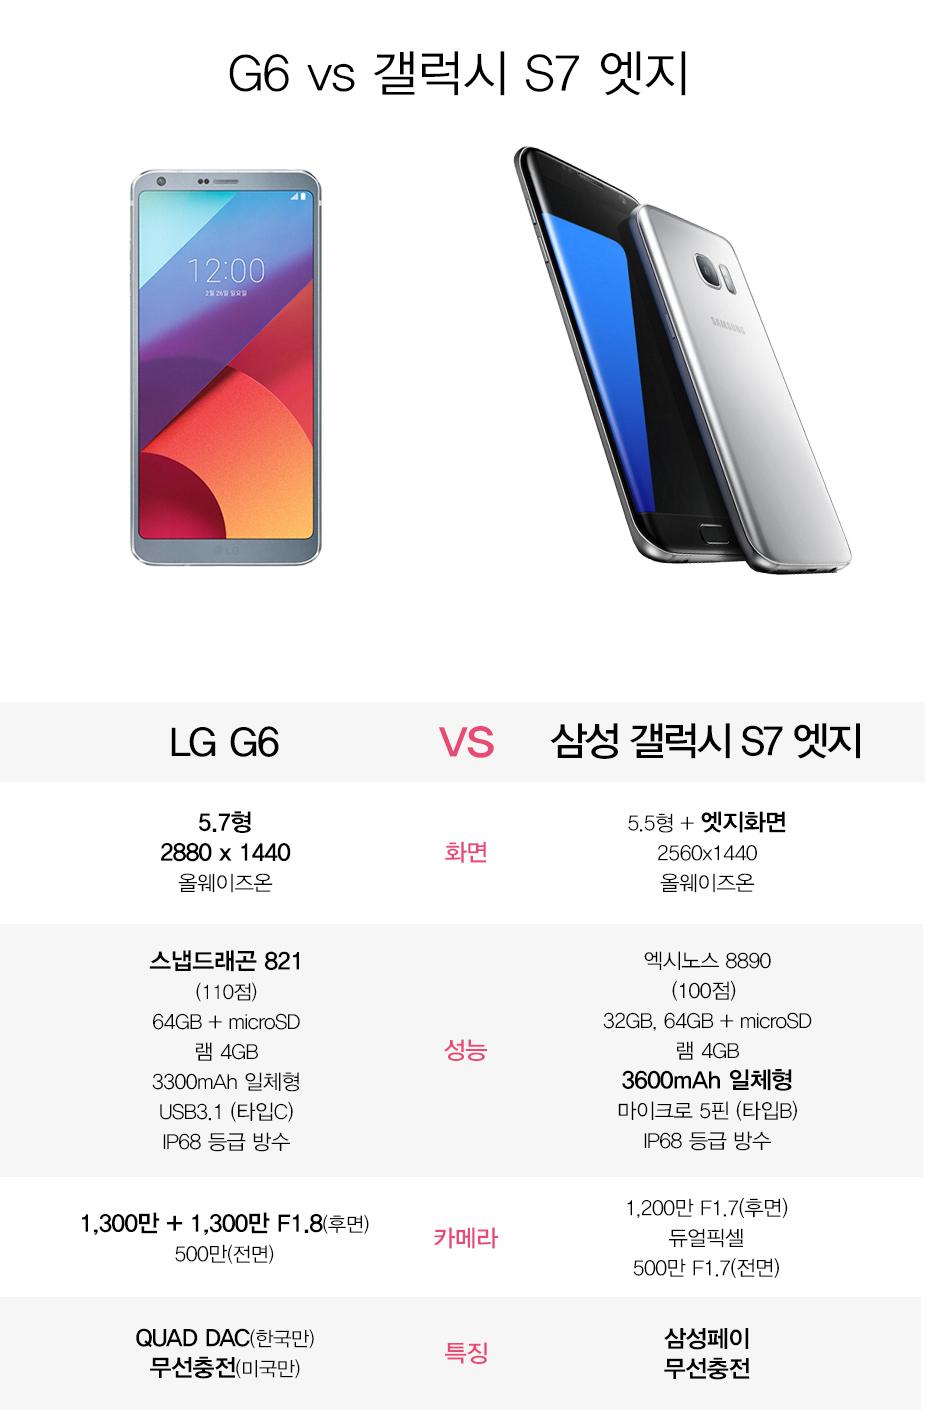 G6 vs 갤럭시 S7 엣지